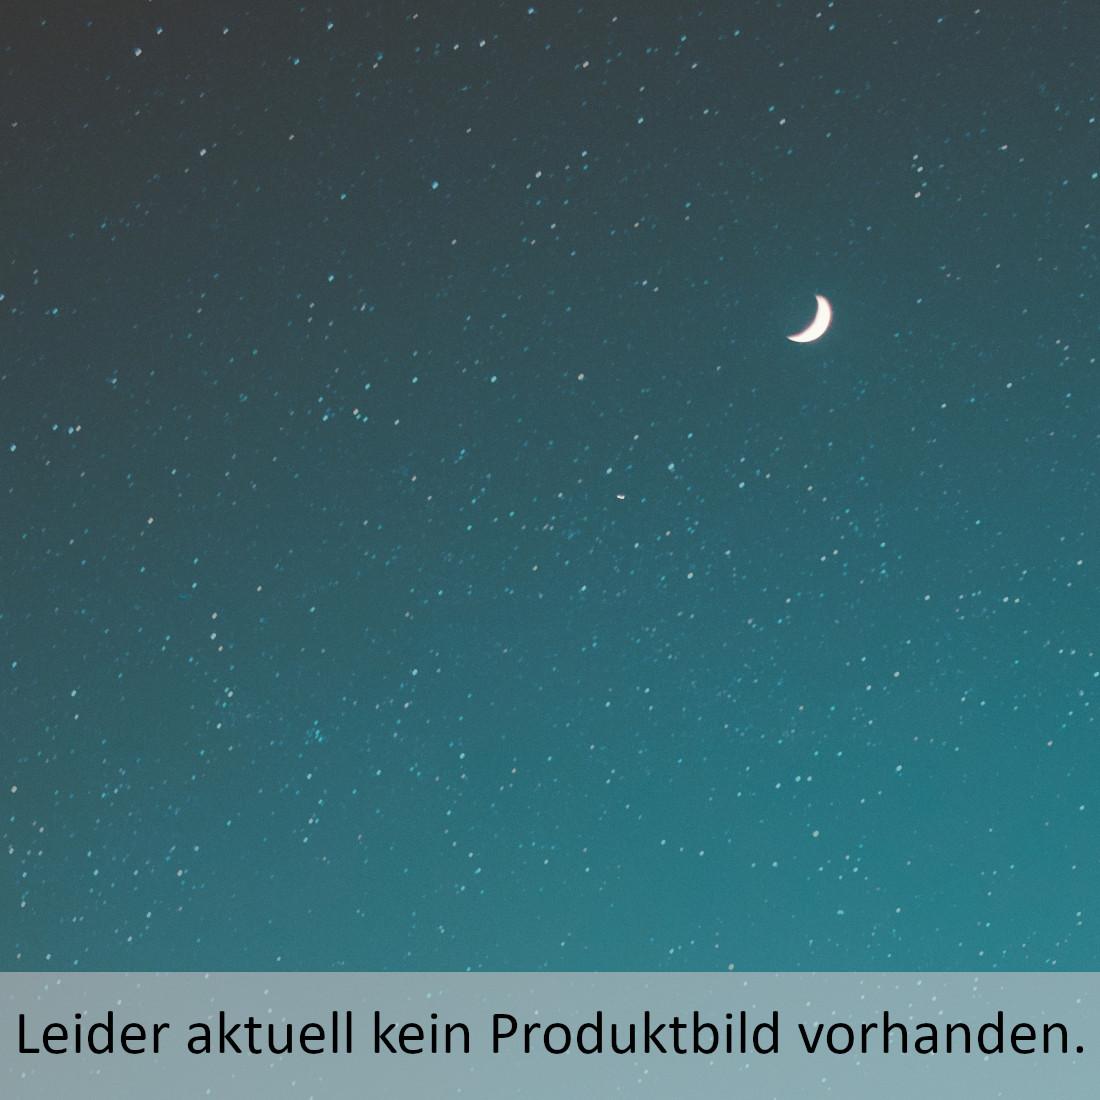 Christliche Bilder verstehen Goecke-Seischab, Margarete Luise/Harz, Frieder 9783866474581